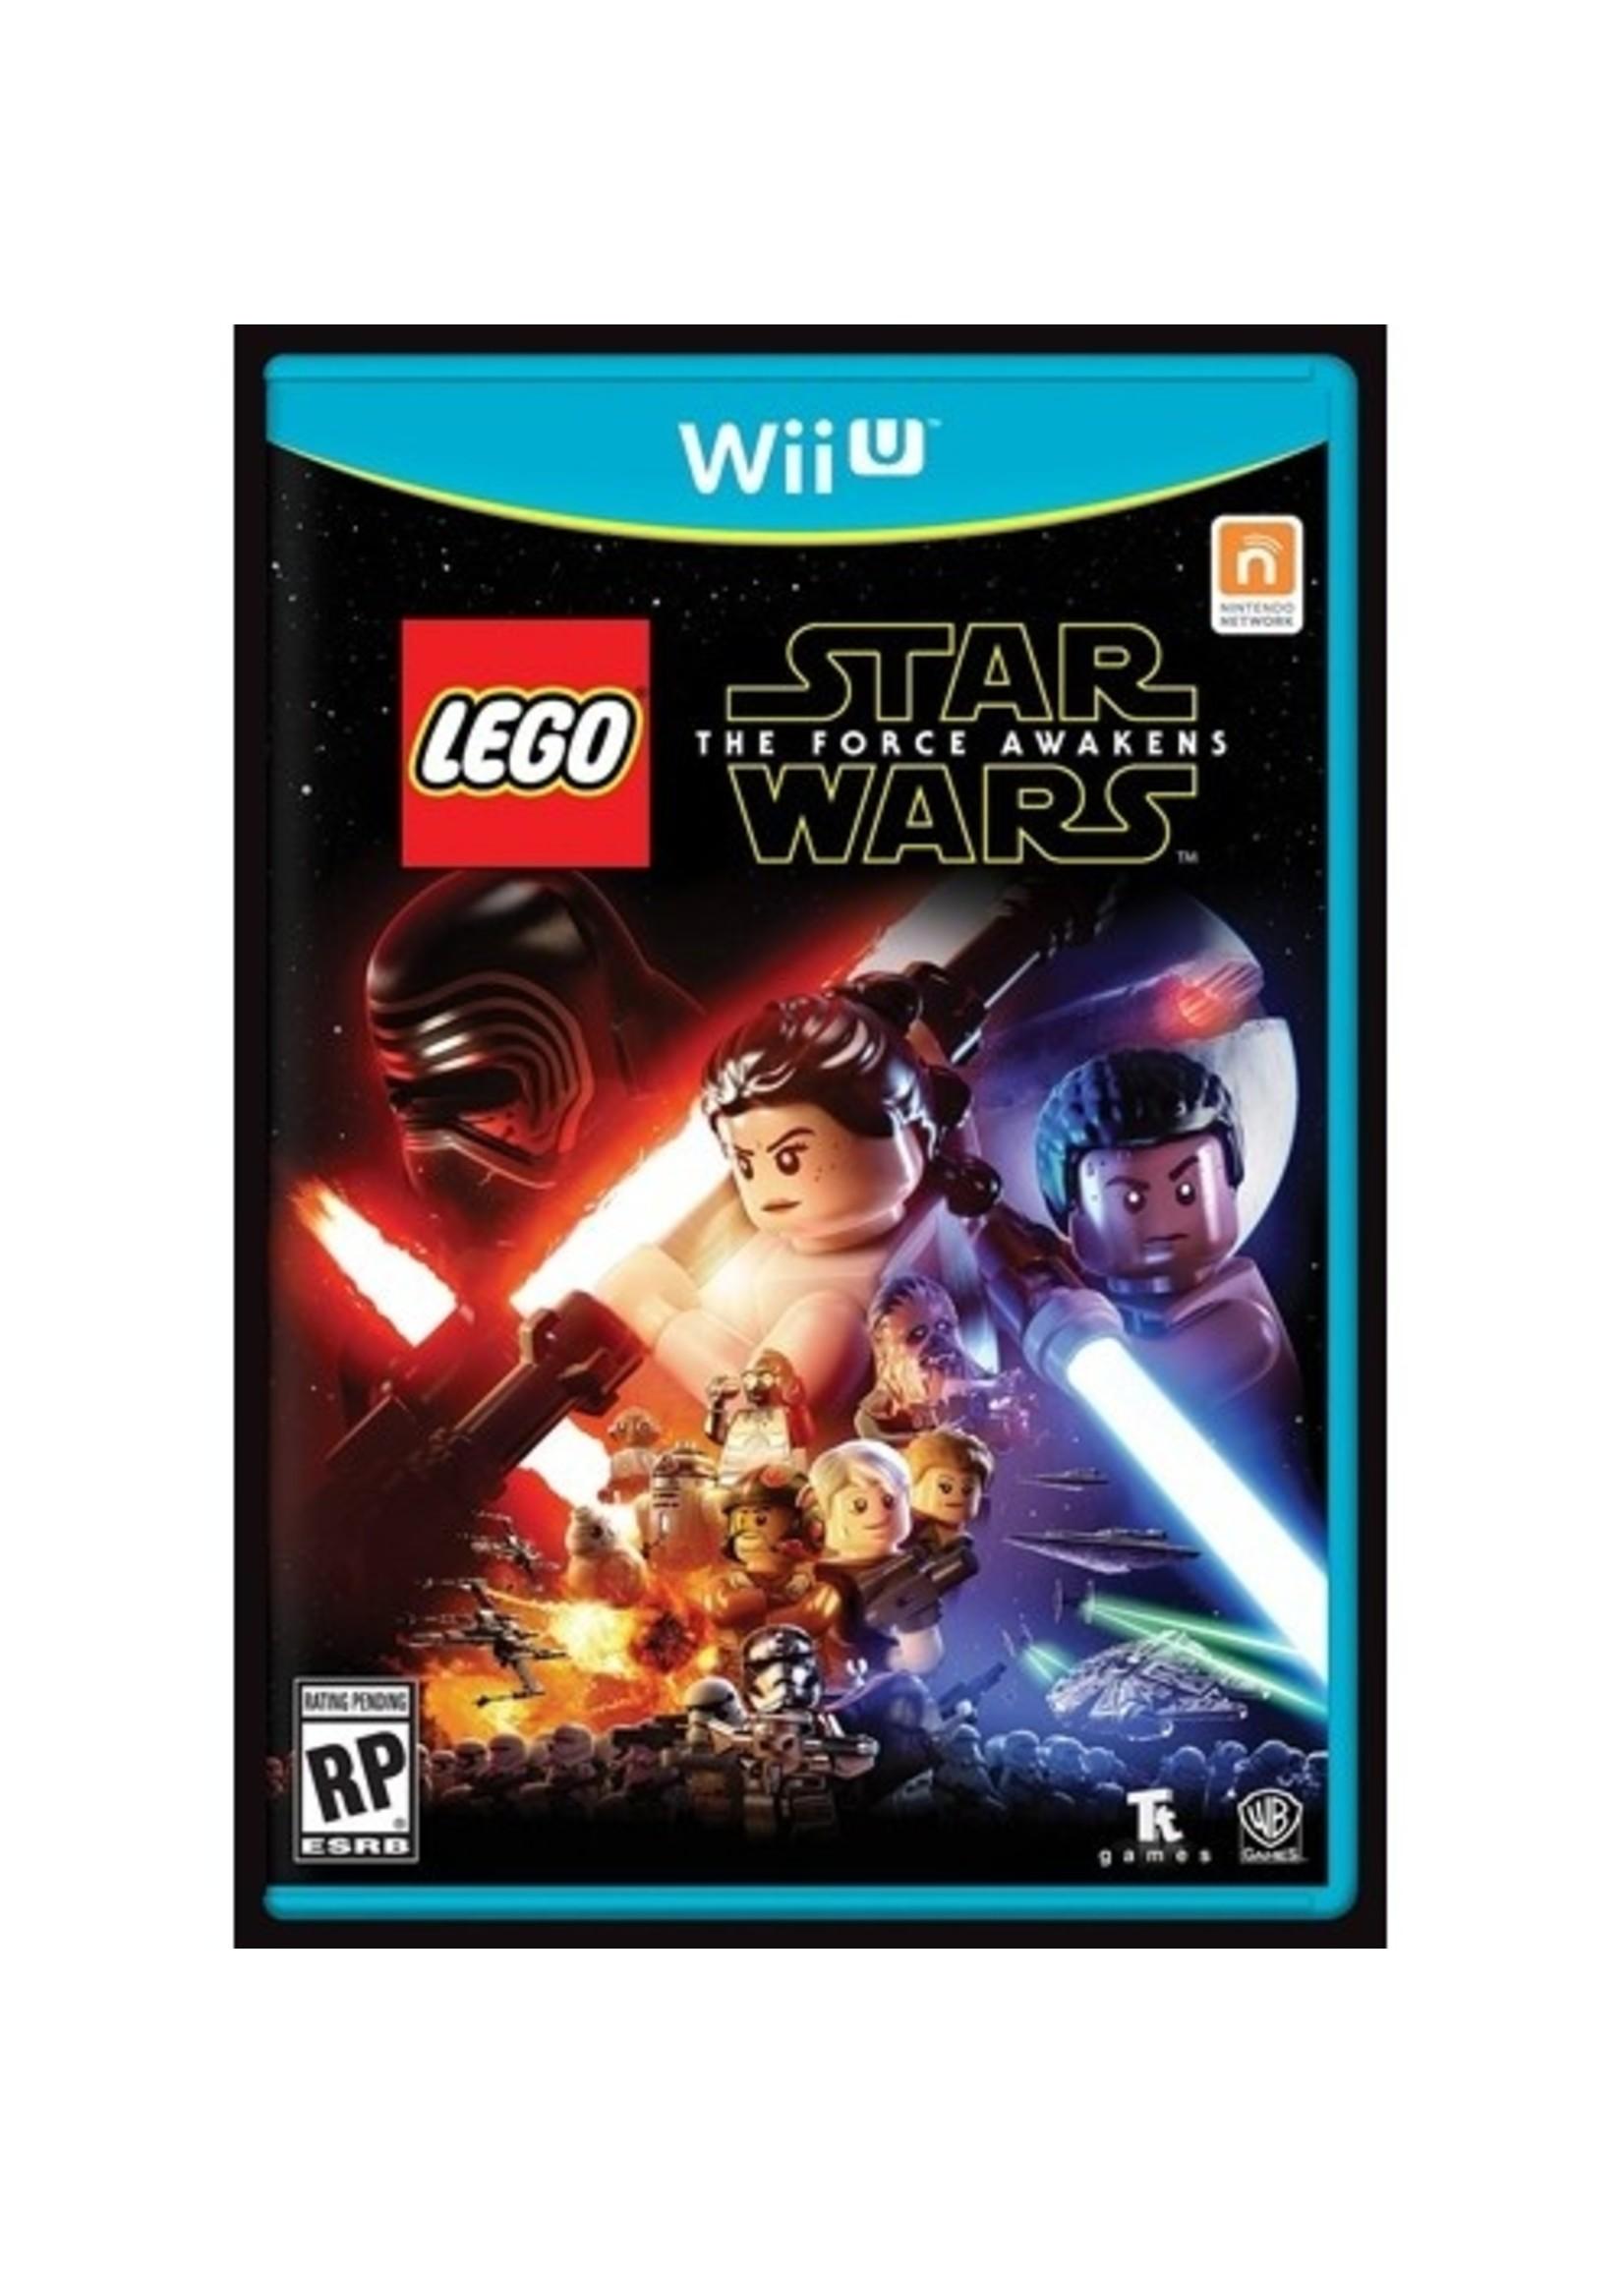 LEGO Star Wars Force Awakens - WiiU PrePlayed